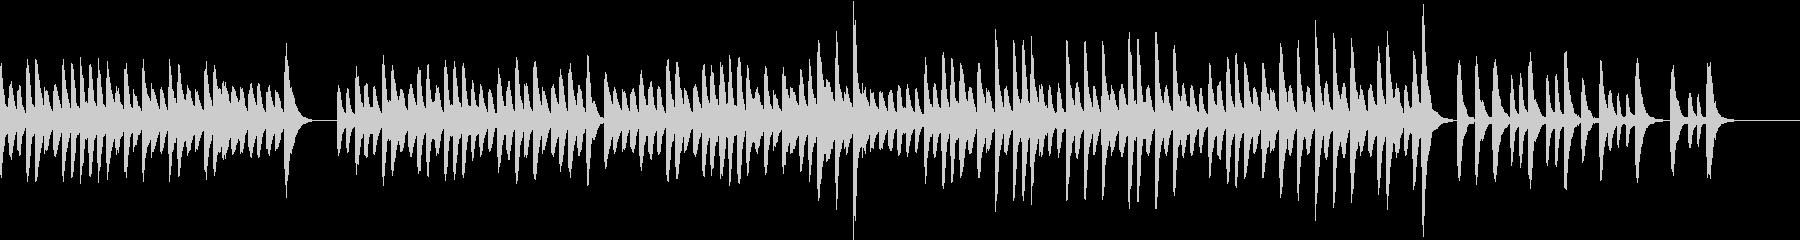 さみしいような切ないマリンバの旋律の未再生の波形